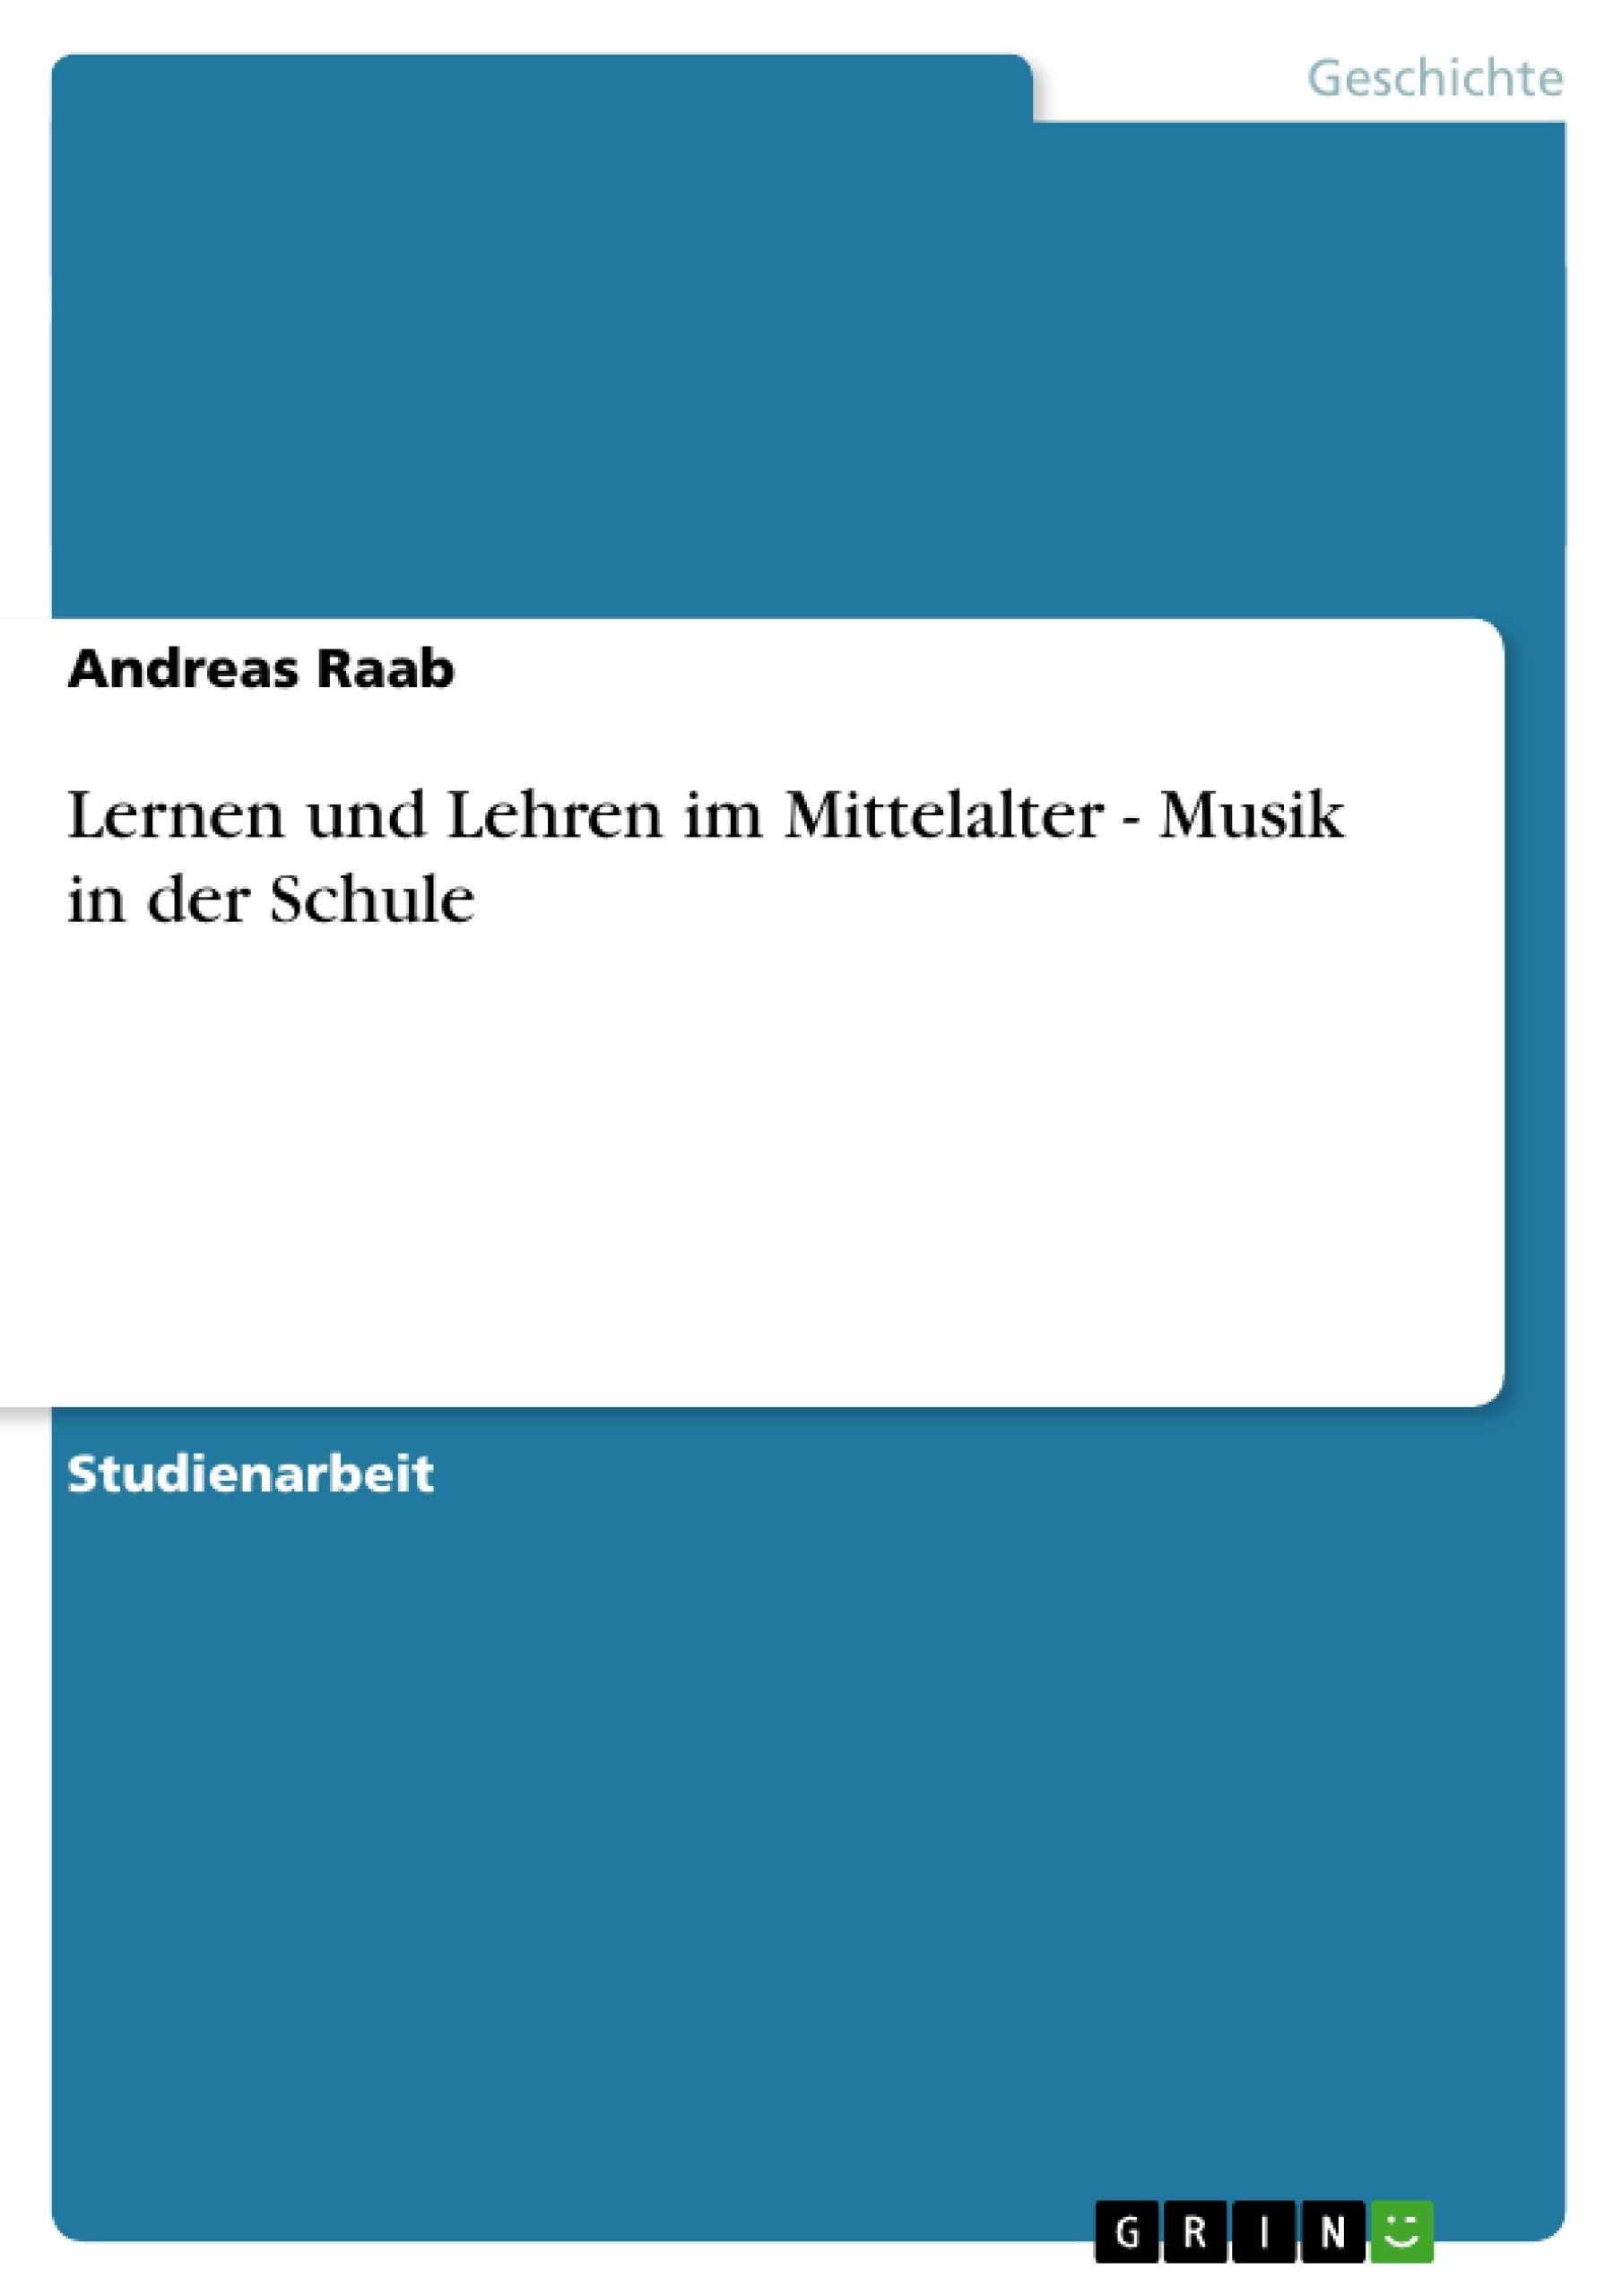 Titel: Lernen und Lehren im Mittelalter - Musik in der Schule